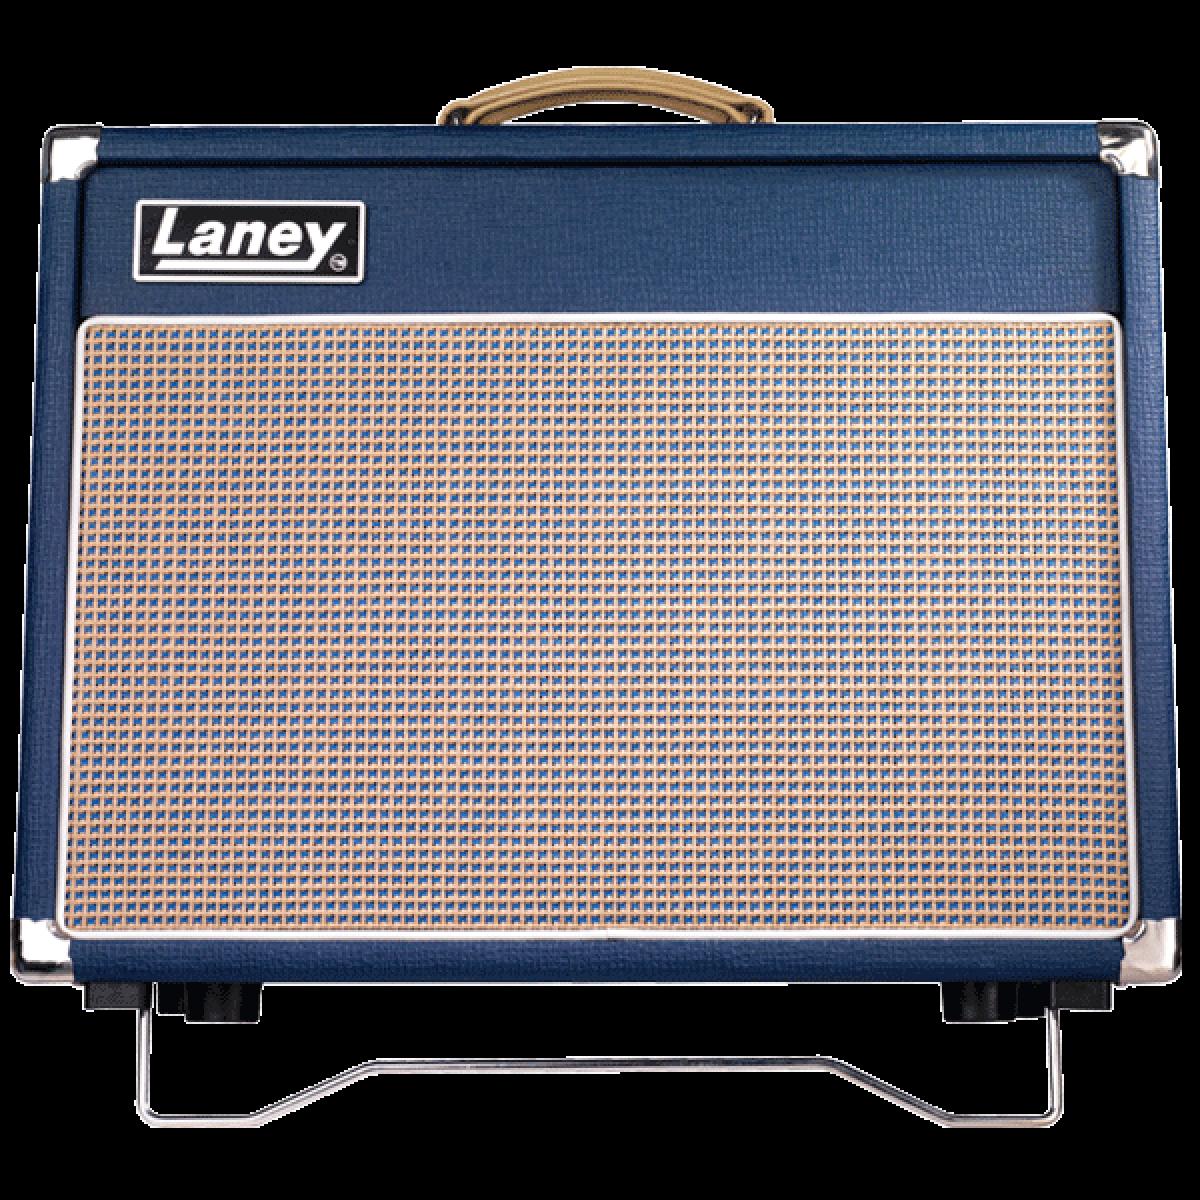 Laney L5T-112 Lionheart 5W 1X12 Amplifier Combo  Laney